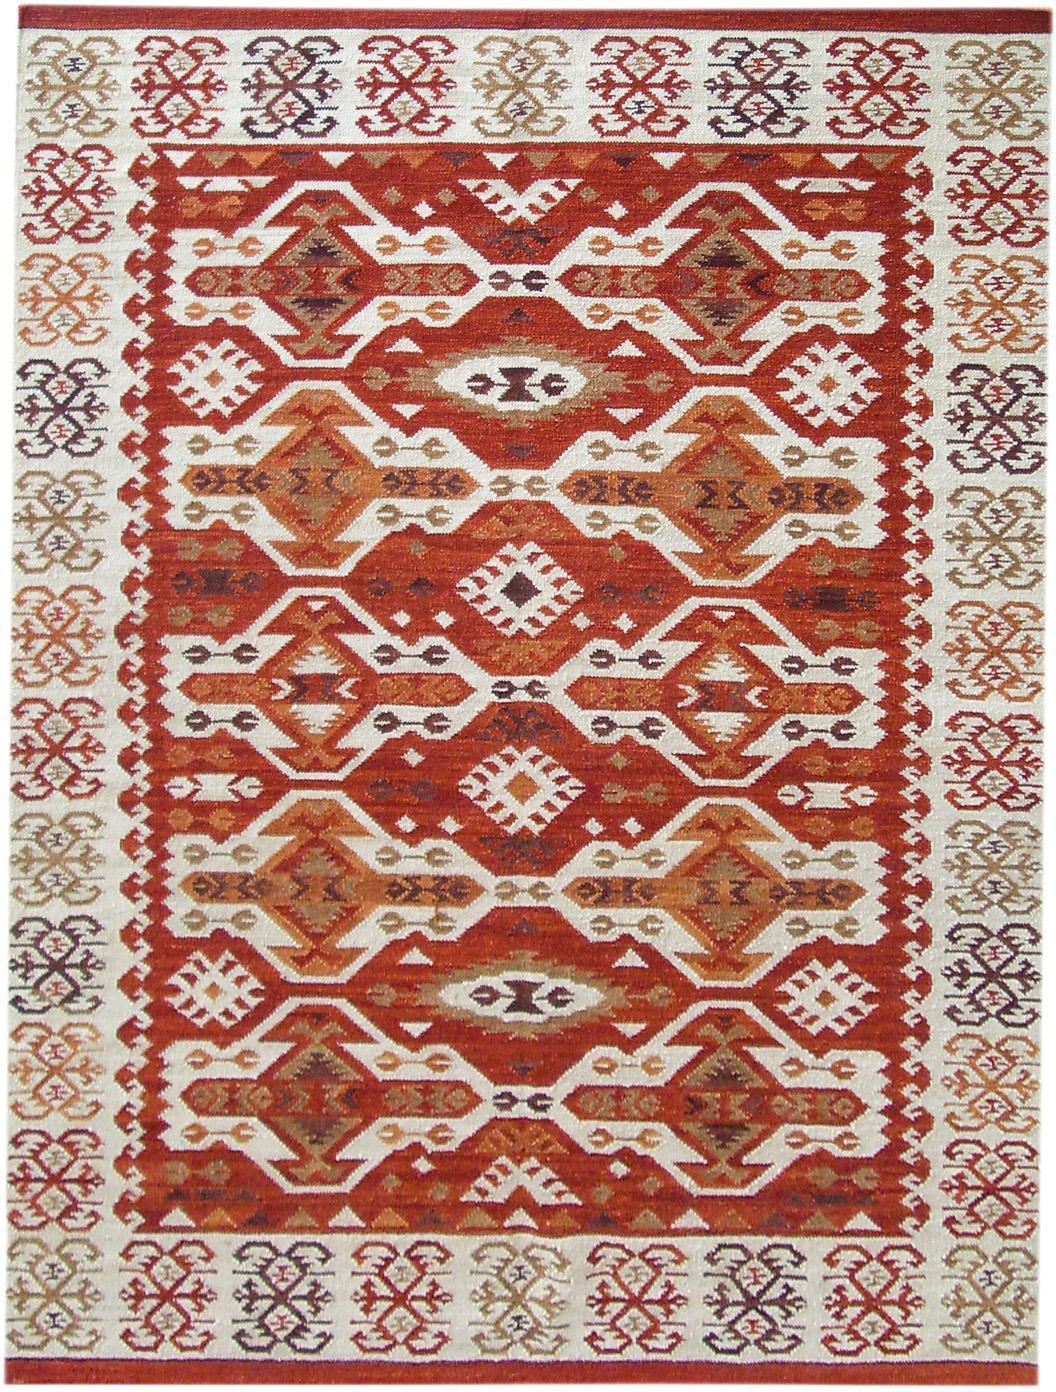 Handgeweven kelim vloerkleed Ria van wol, 100% wol, Rood, beige, oranje, bruin, B 120 x L 180 cm (maat S)